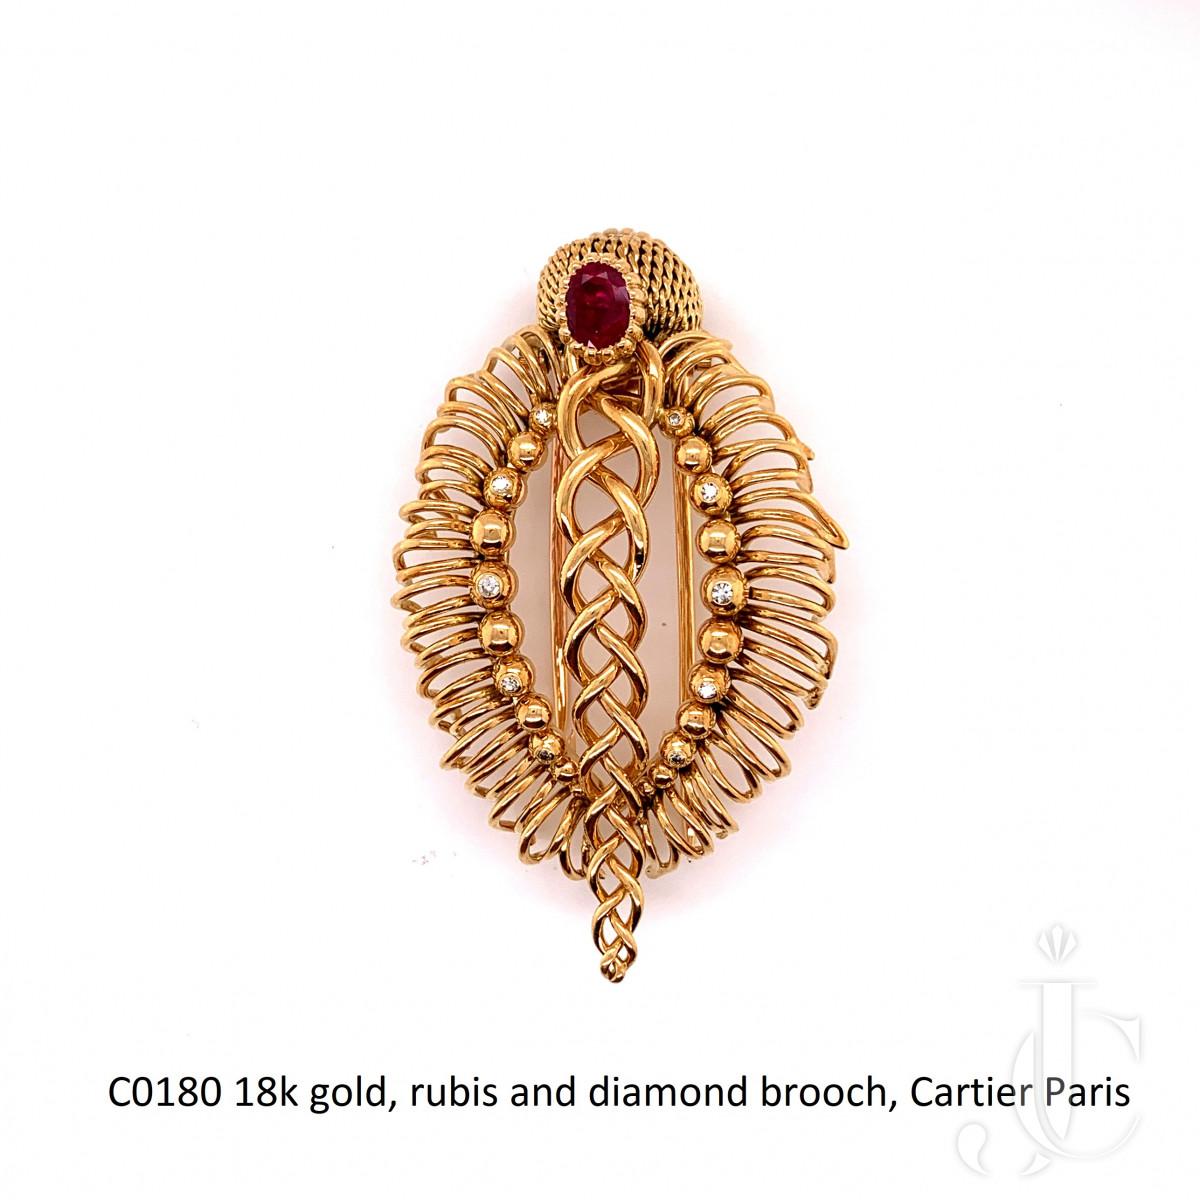 18k gold, rubis and diamond brooch, Cartier Paris